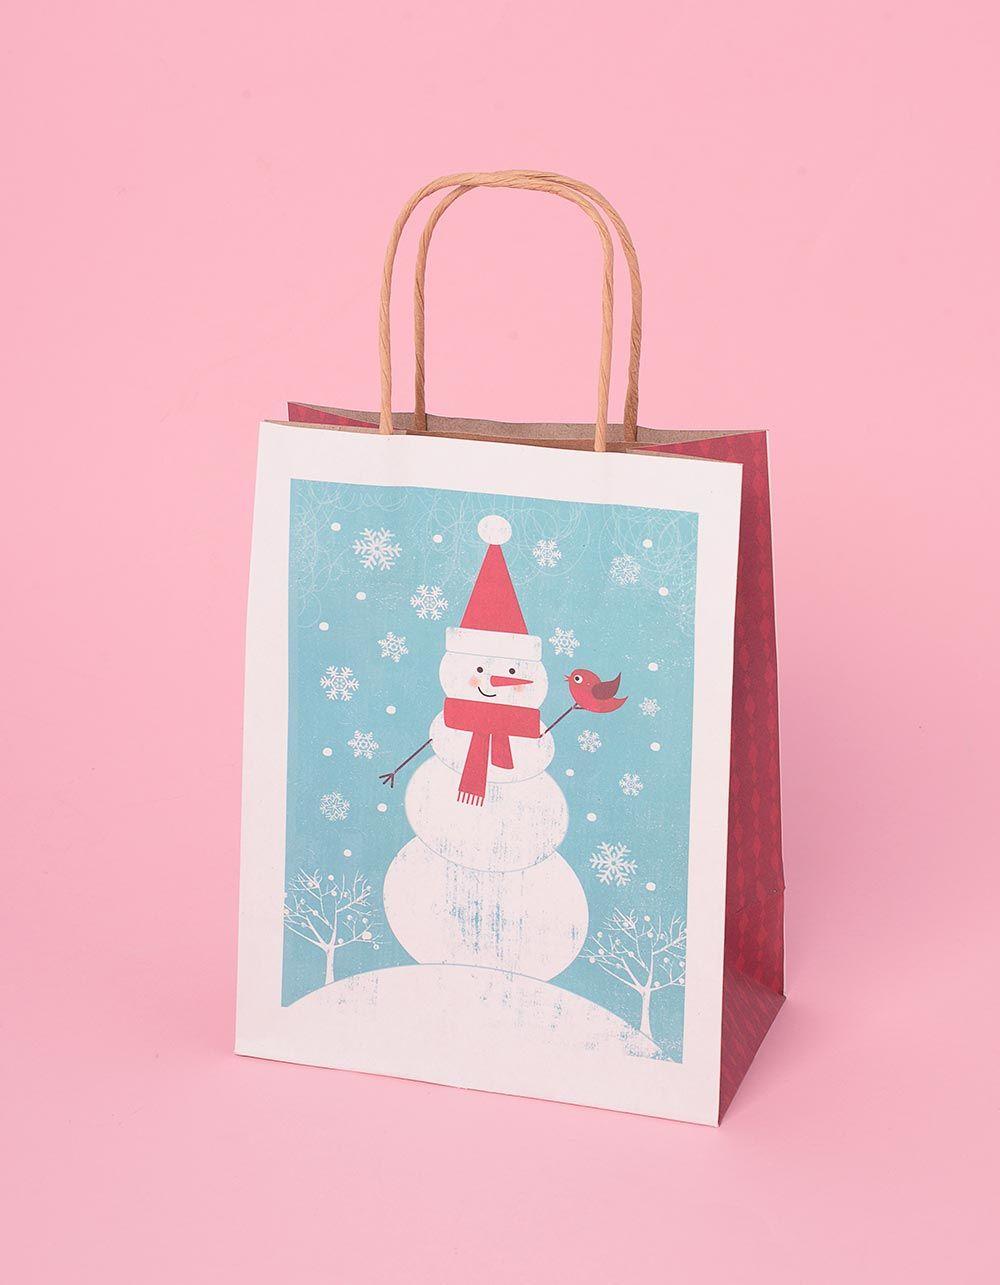 Пакет подарунковий з новорічним принтом | 240044-18-XX